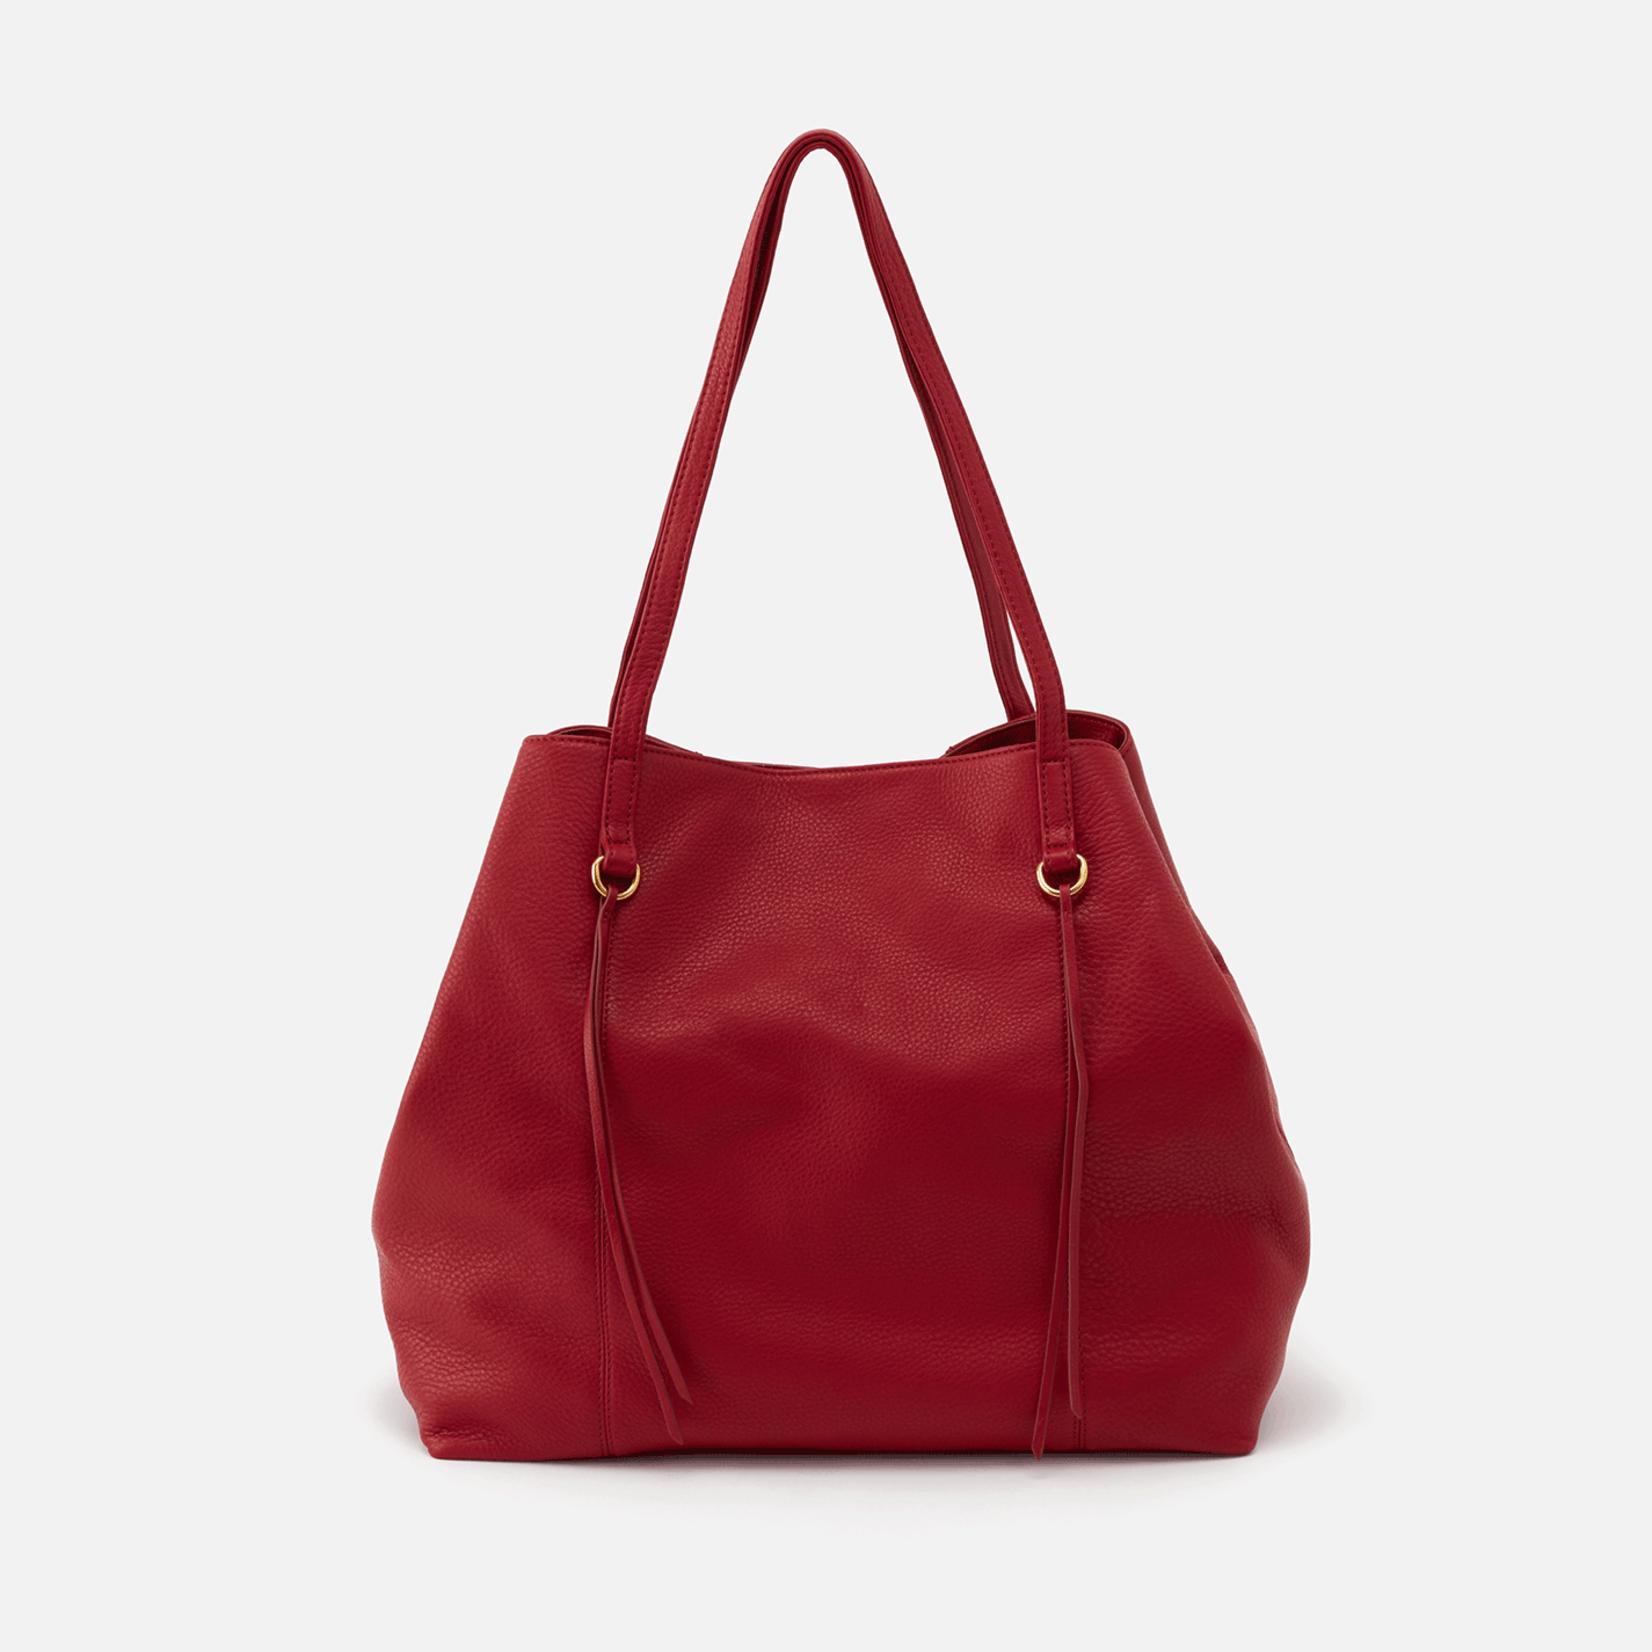 HOBO Kingston Scarlet Leather Tote